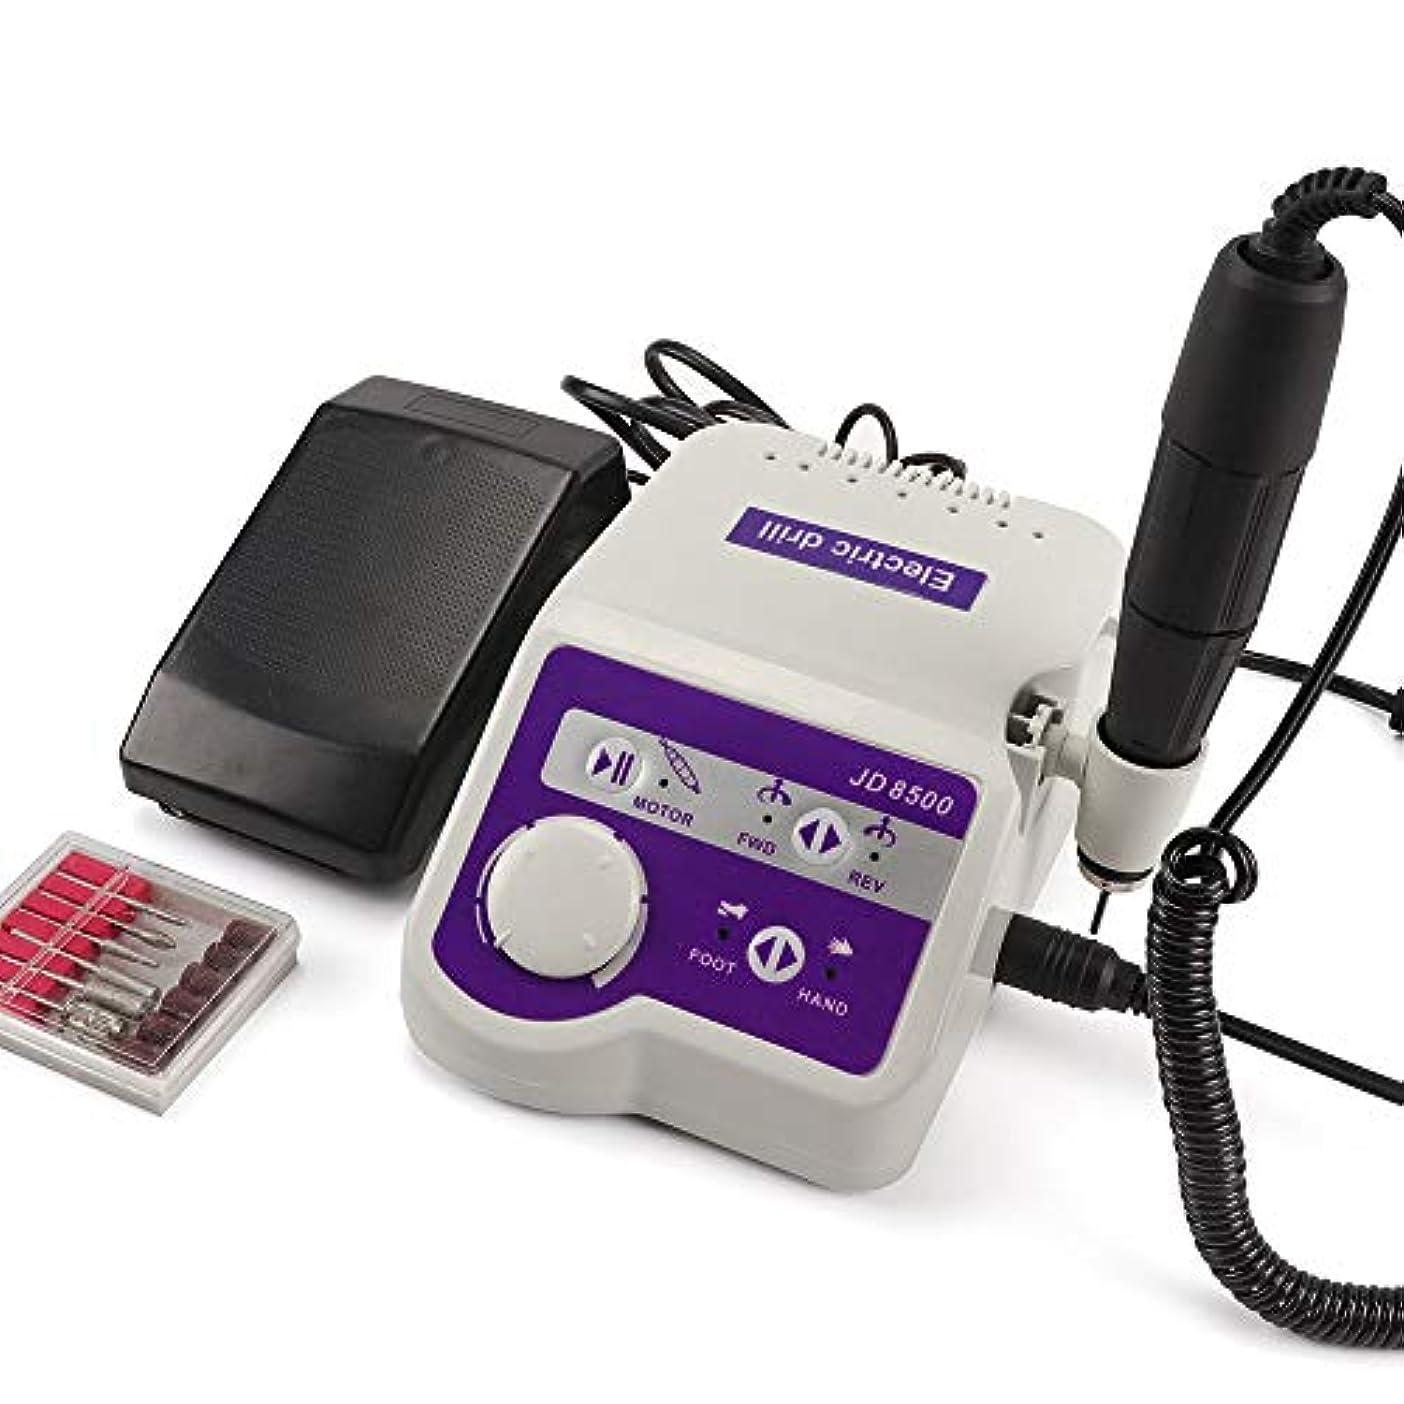 リスキーな刃回想65ワット35000 rpmプロフェッショナルJD8500電動ネイルドリル機35000 rpmマニキュアツールペディキュアポリッシャーネイルアート機器